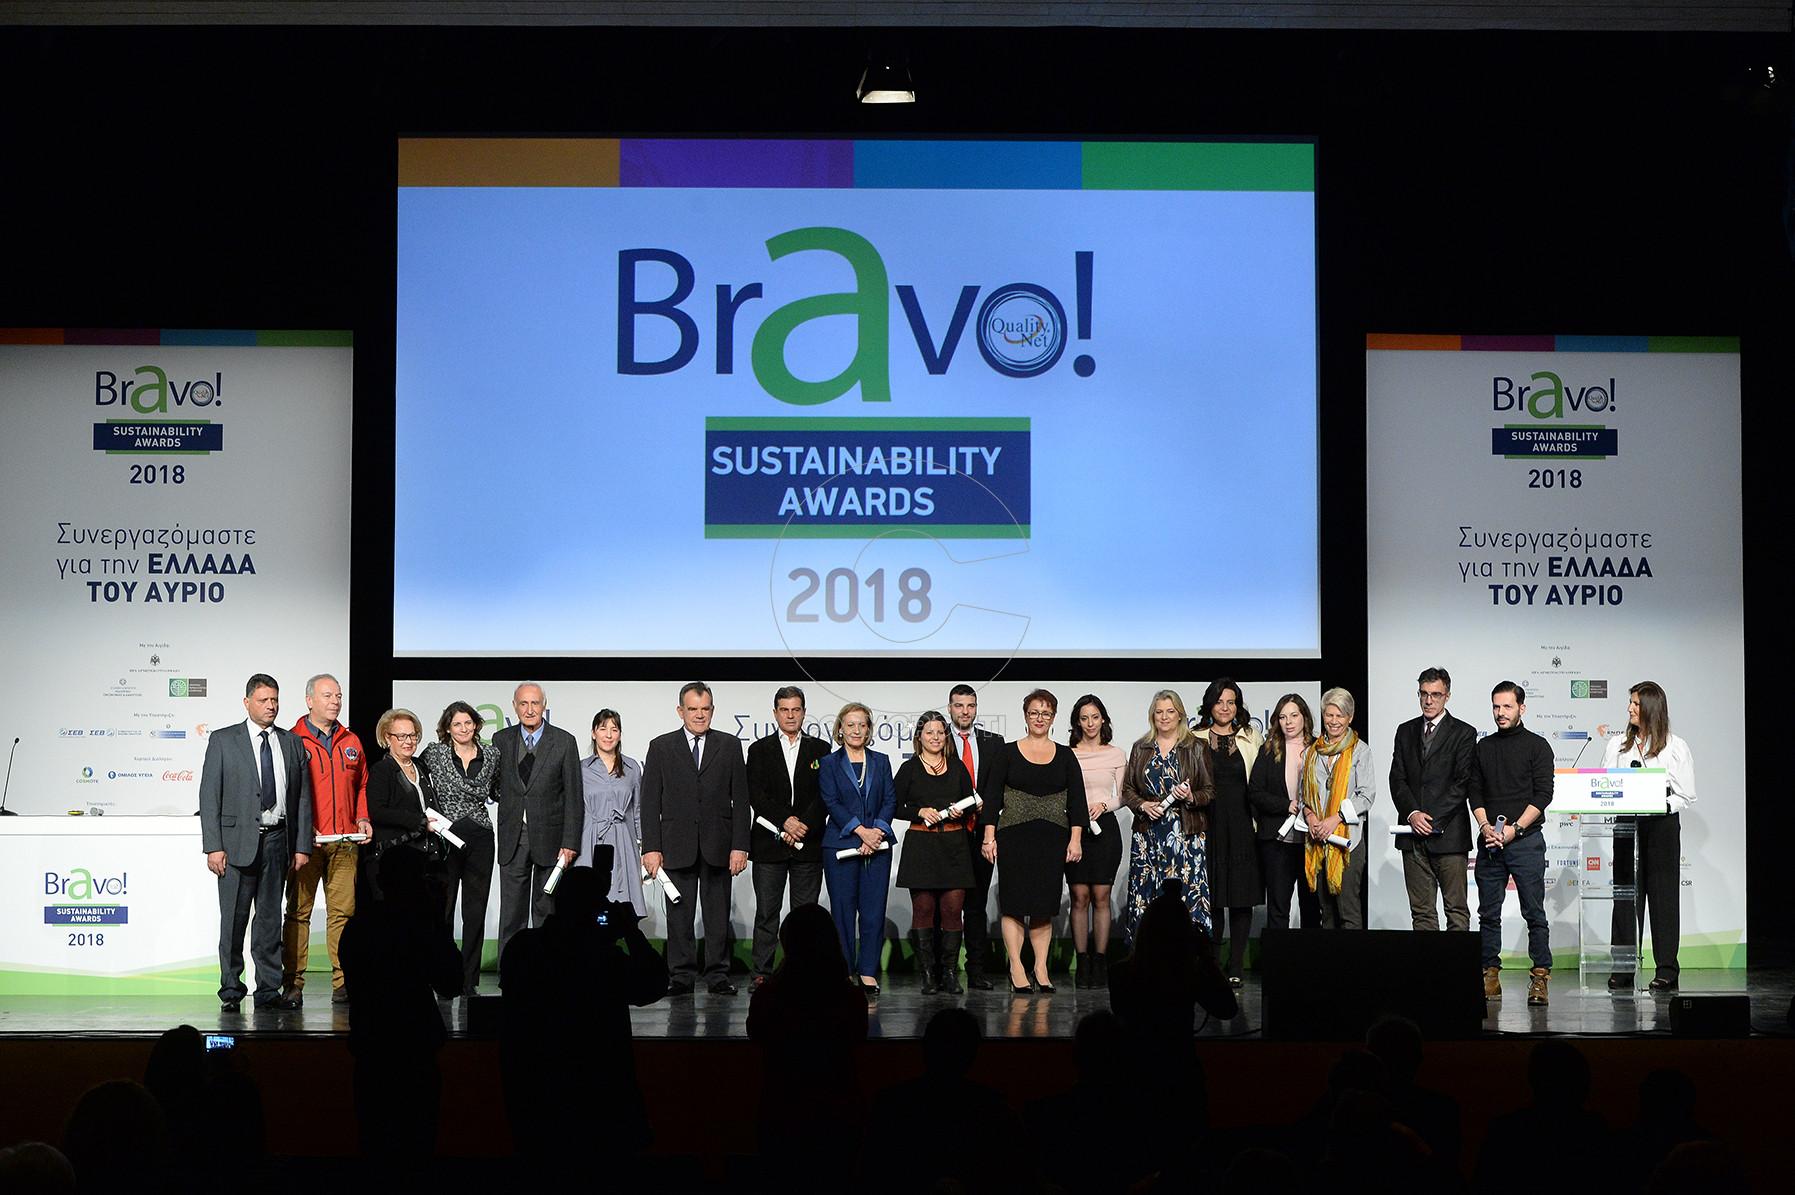 bravo_awards_group_photo_2